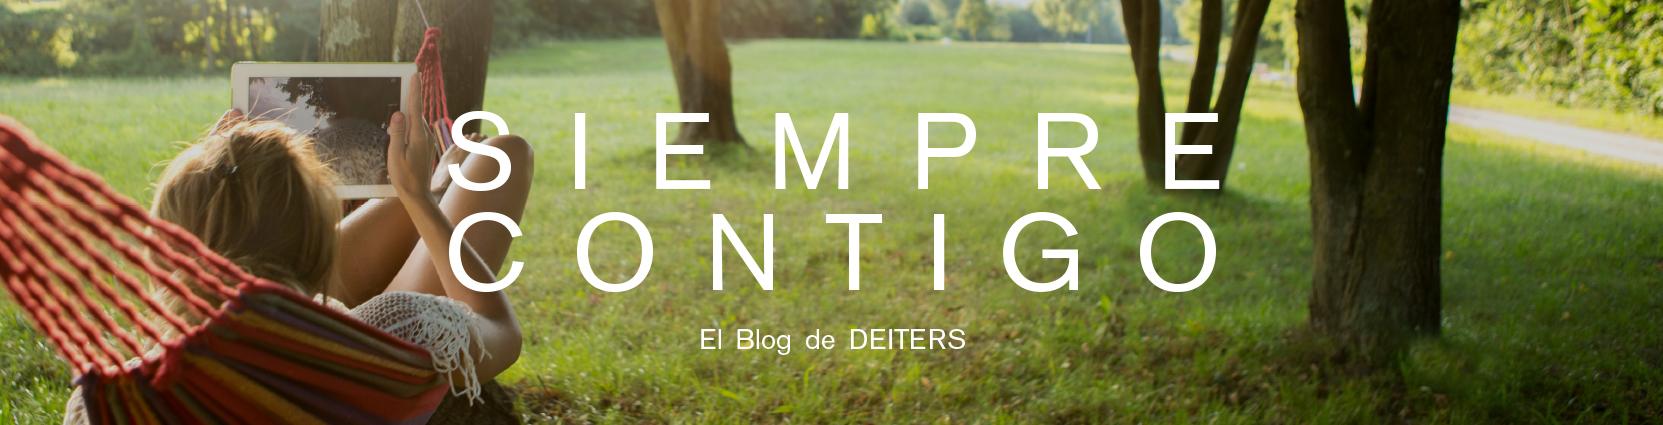 El blog de Deiters, Siempre Contigo